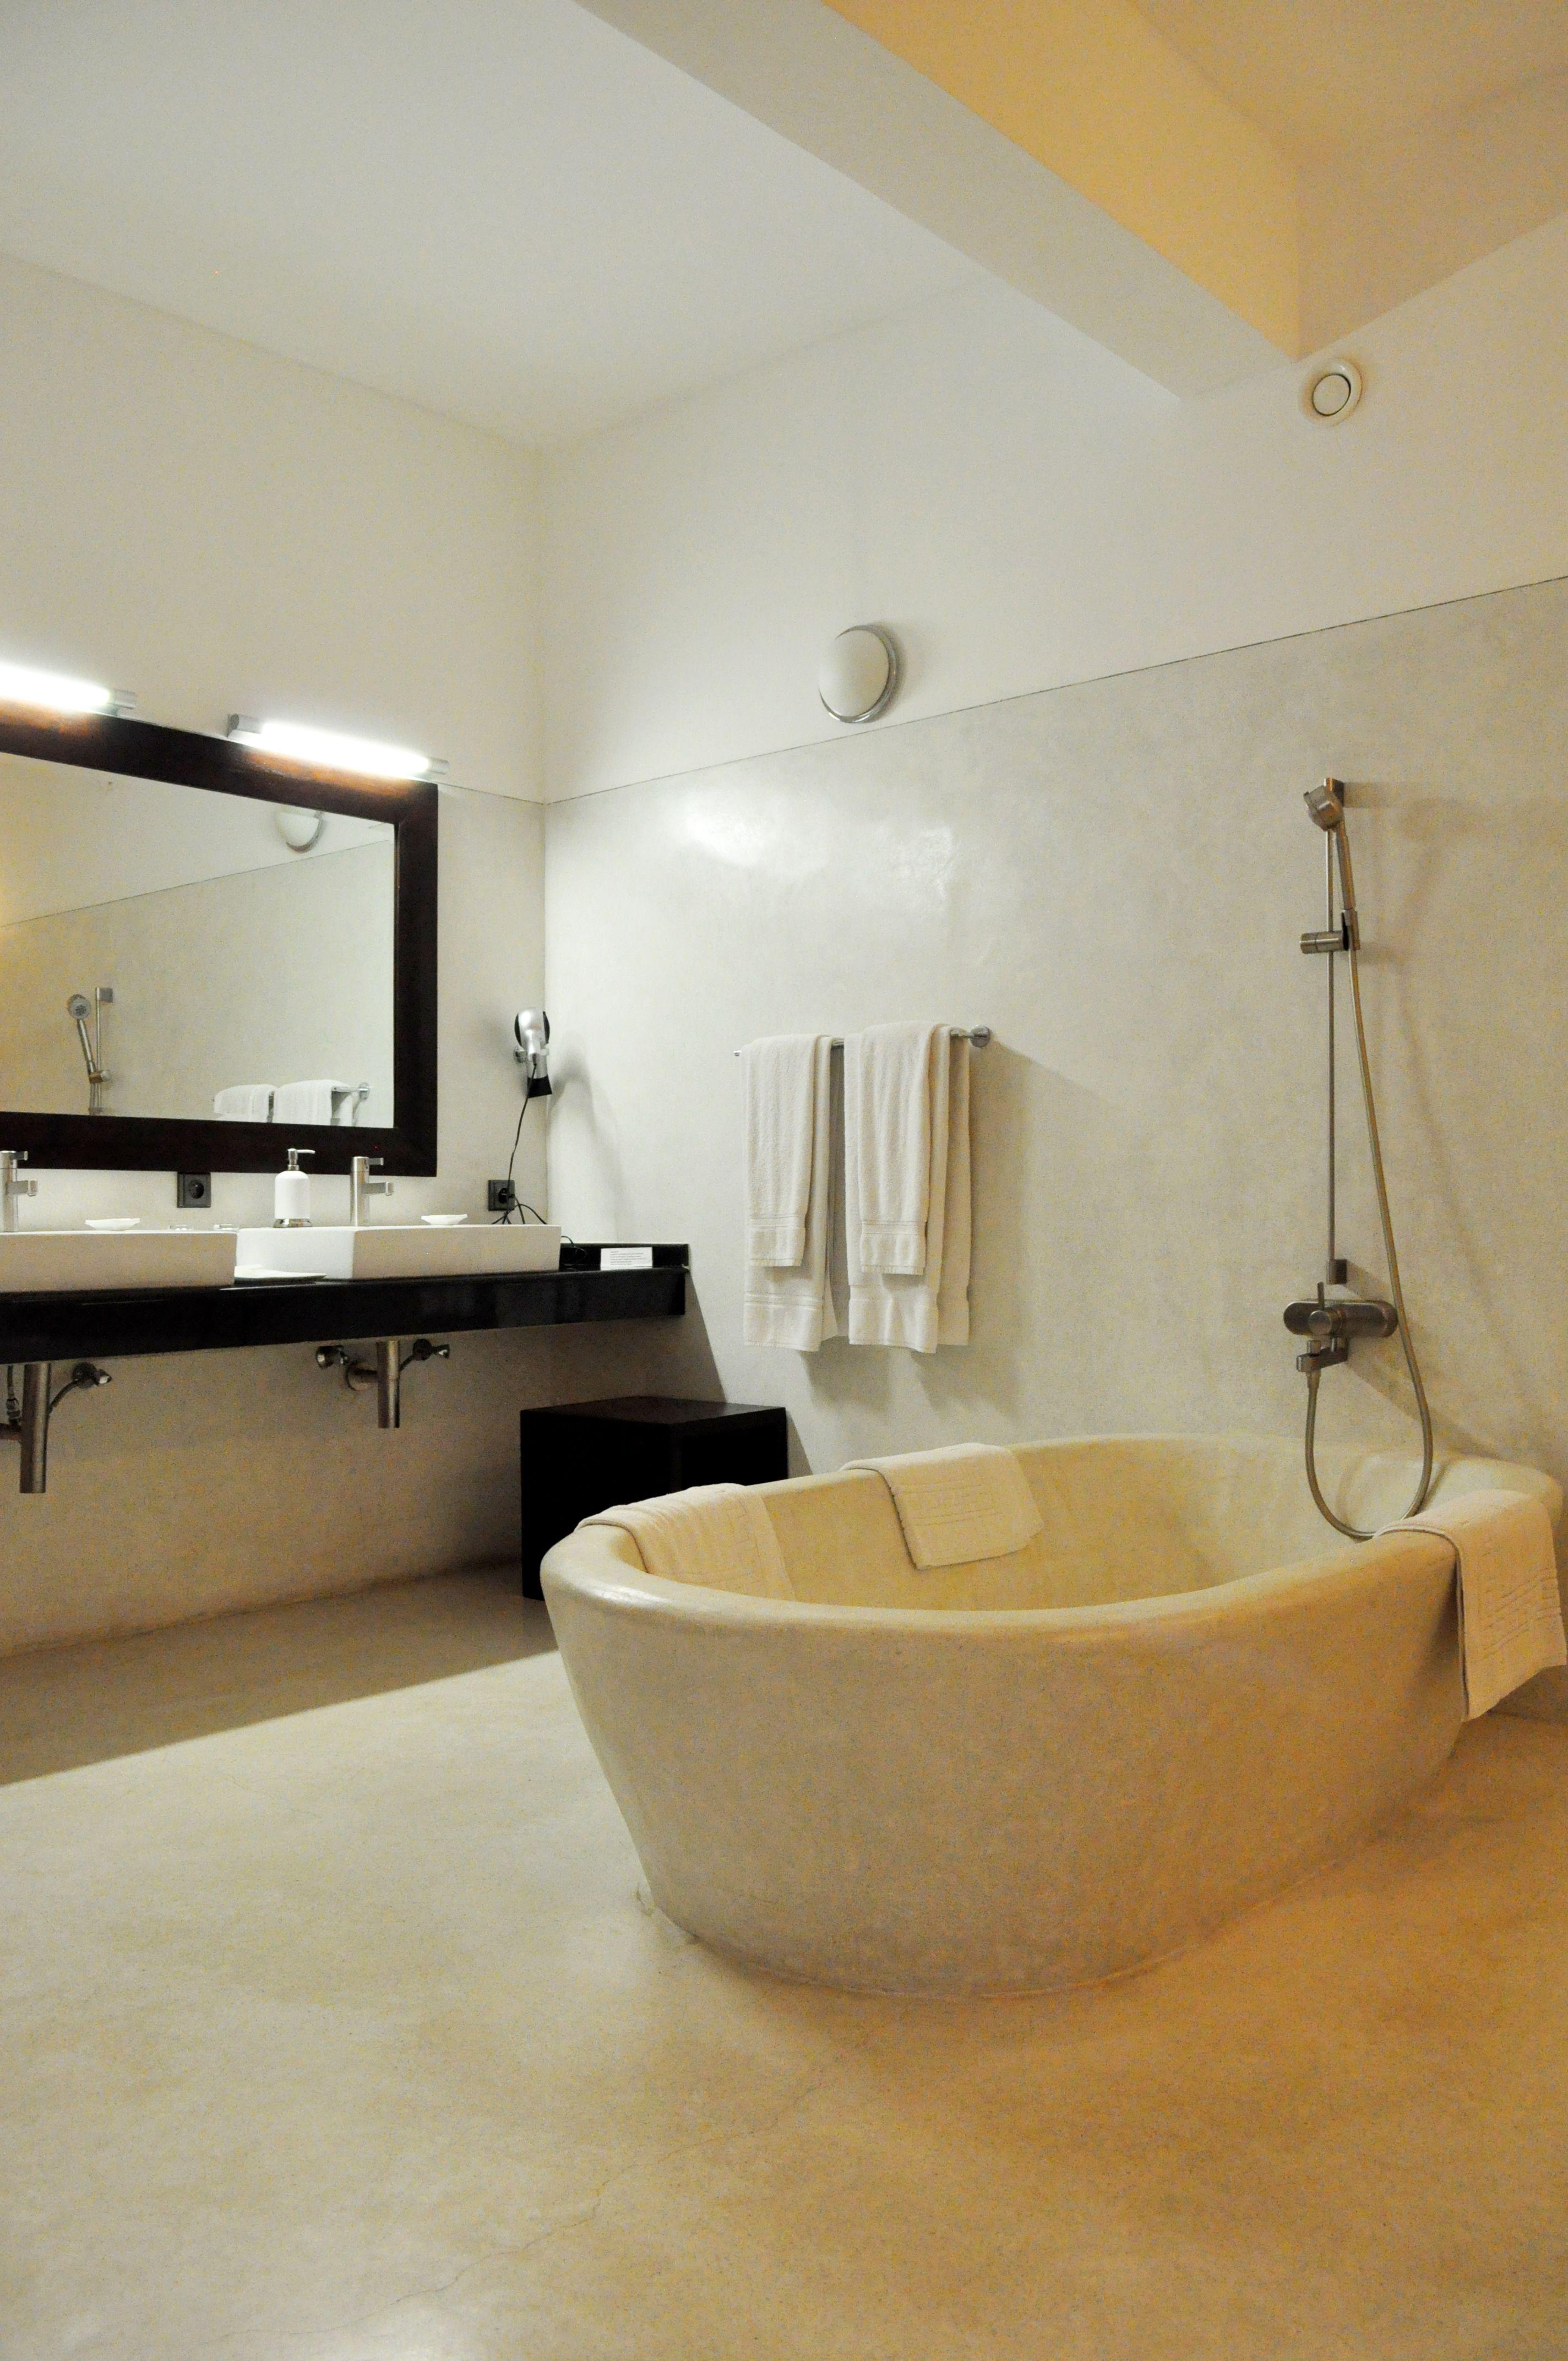 Bathroom Badezimmer Beton Estrich Teakholz Weiss Weligama Bay Resort In Weligama Sri Lanka Www Weligamabayresort Com Leis Design Architekt Raumlichkeiten